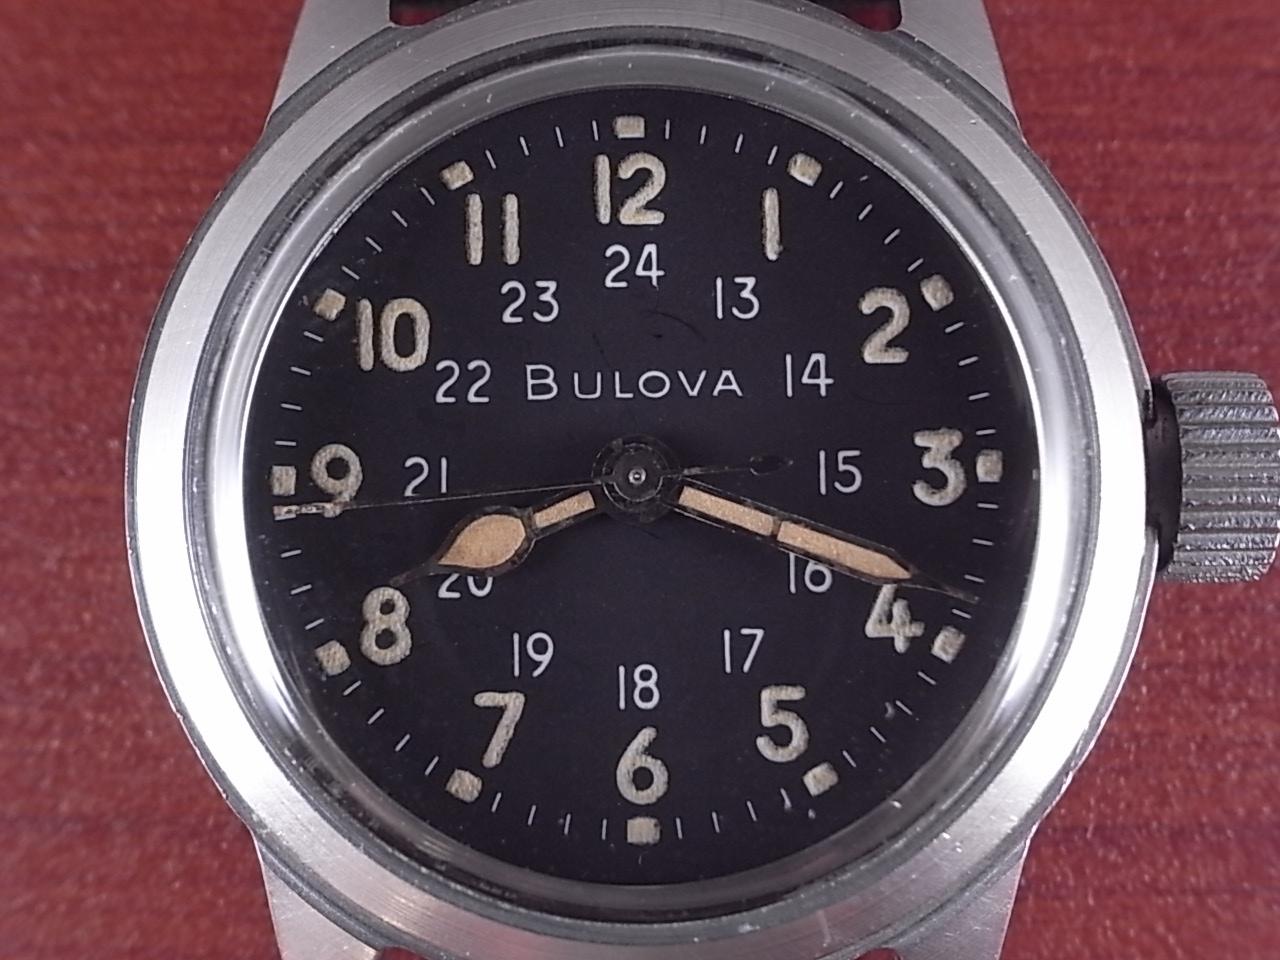 ブローバ ミリタリー 米軍 MIL-W-3818A 1960年代の写真2枚目